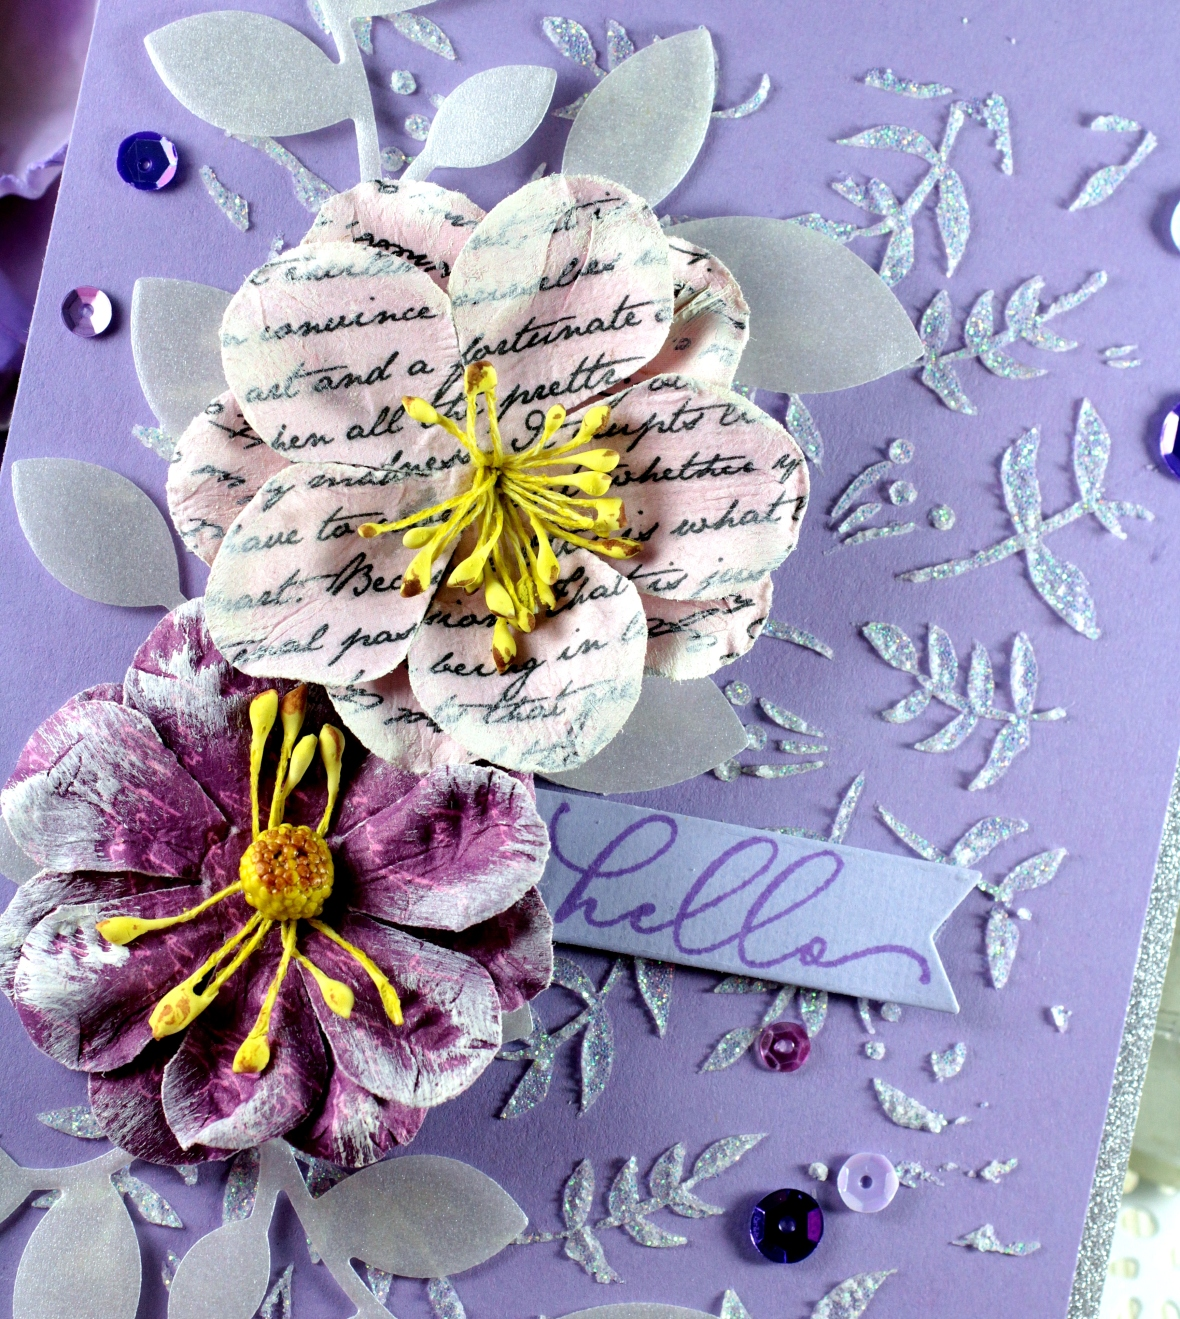 c4c 18 purple leaves n flowers2